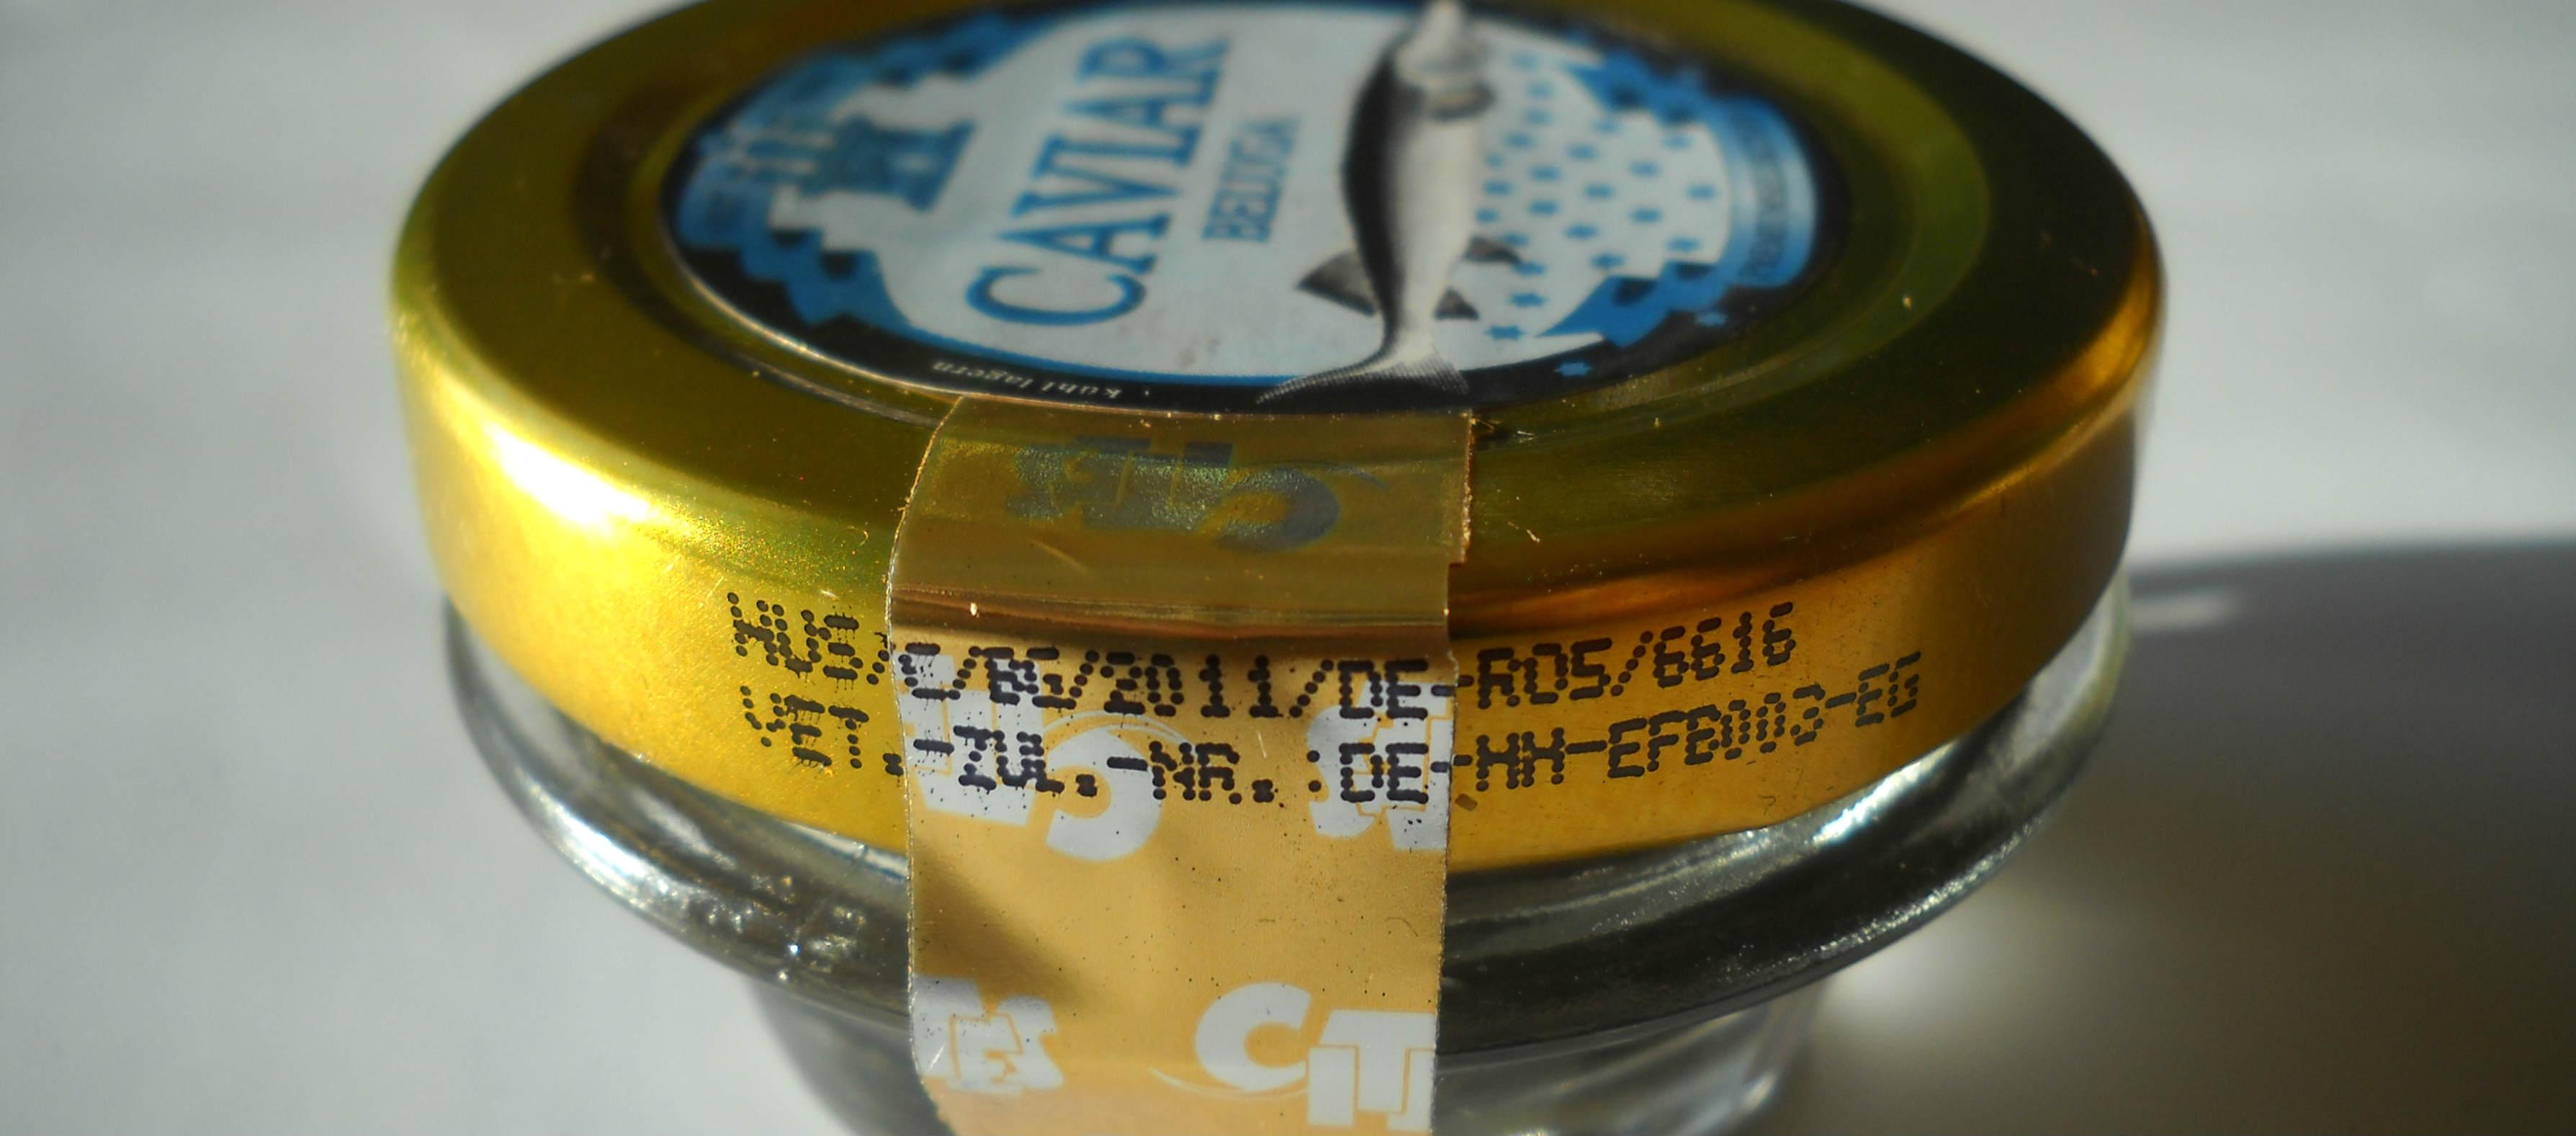 Caviarul în comerț – ceea ce trebuie să știți să nu faceți rău sturioniilor sălbatici